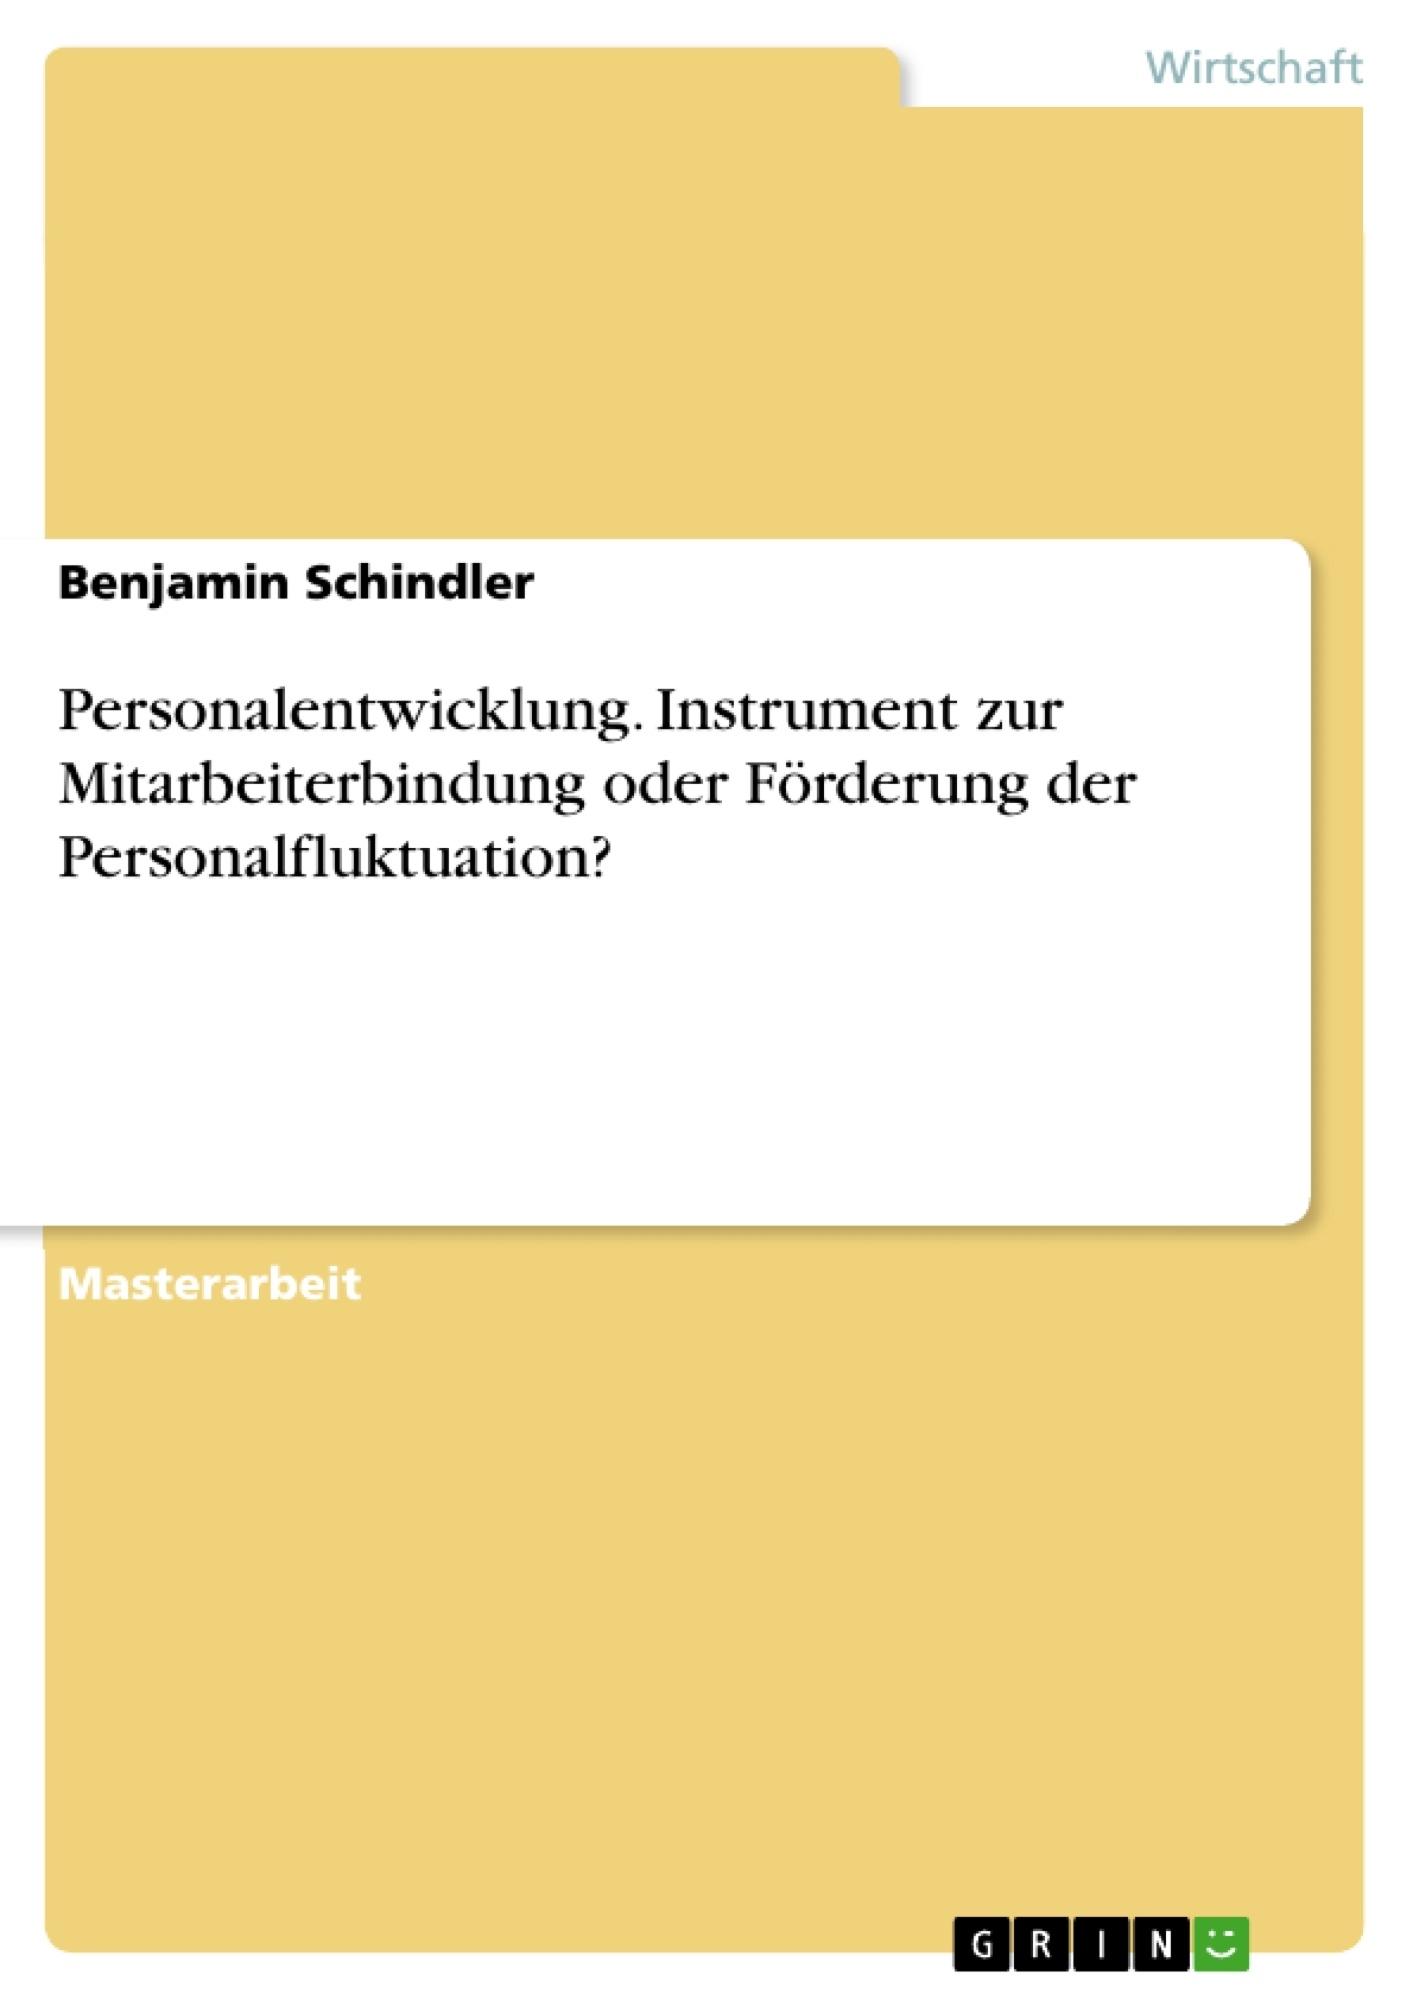 Titel: Personalentwicklung. Instrument zur Mitarbeiterbindung oder Förderung der Personalfluktuation?